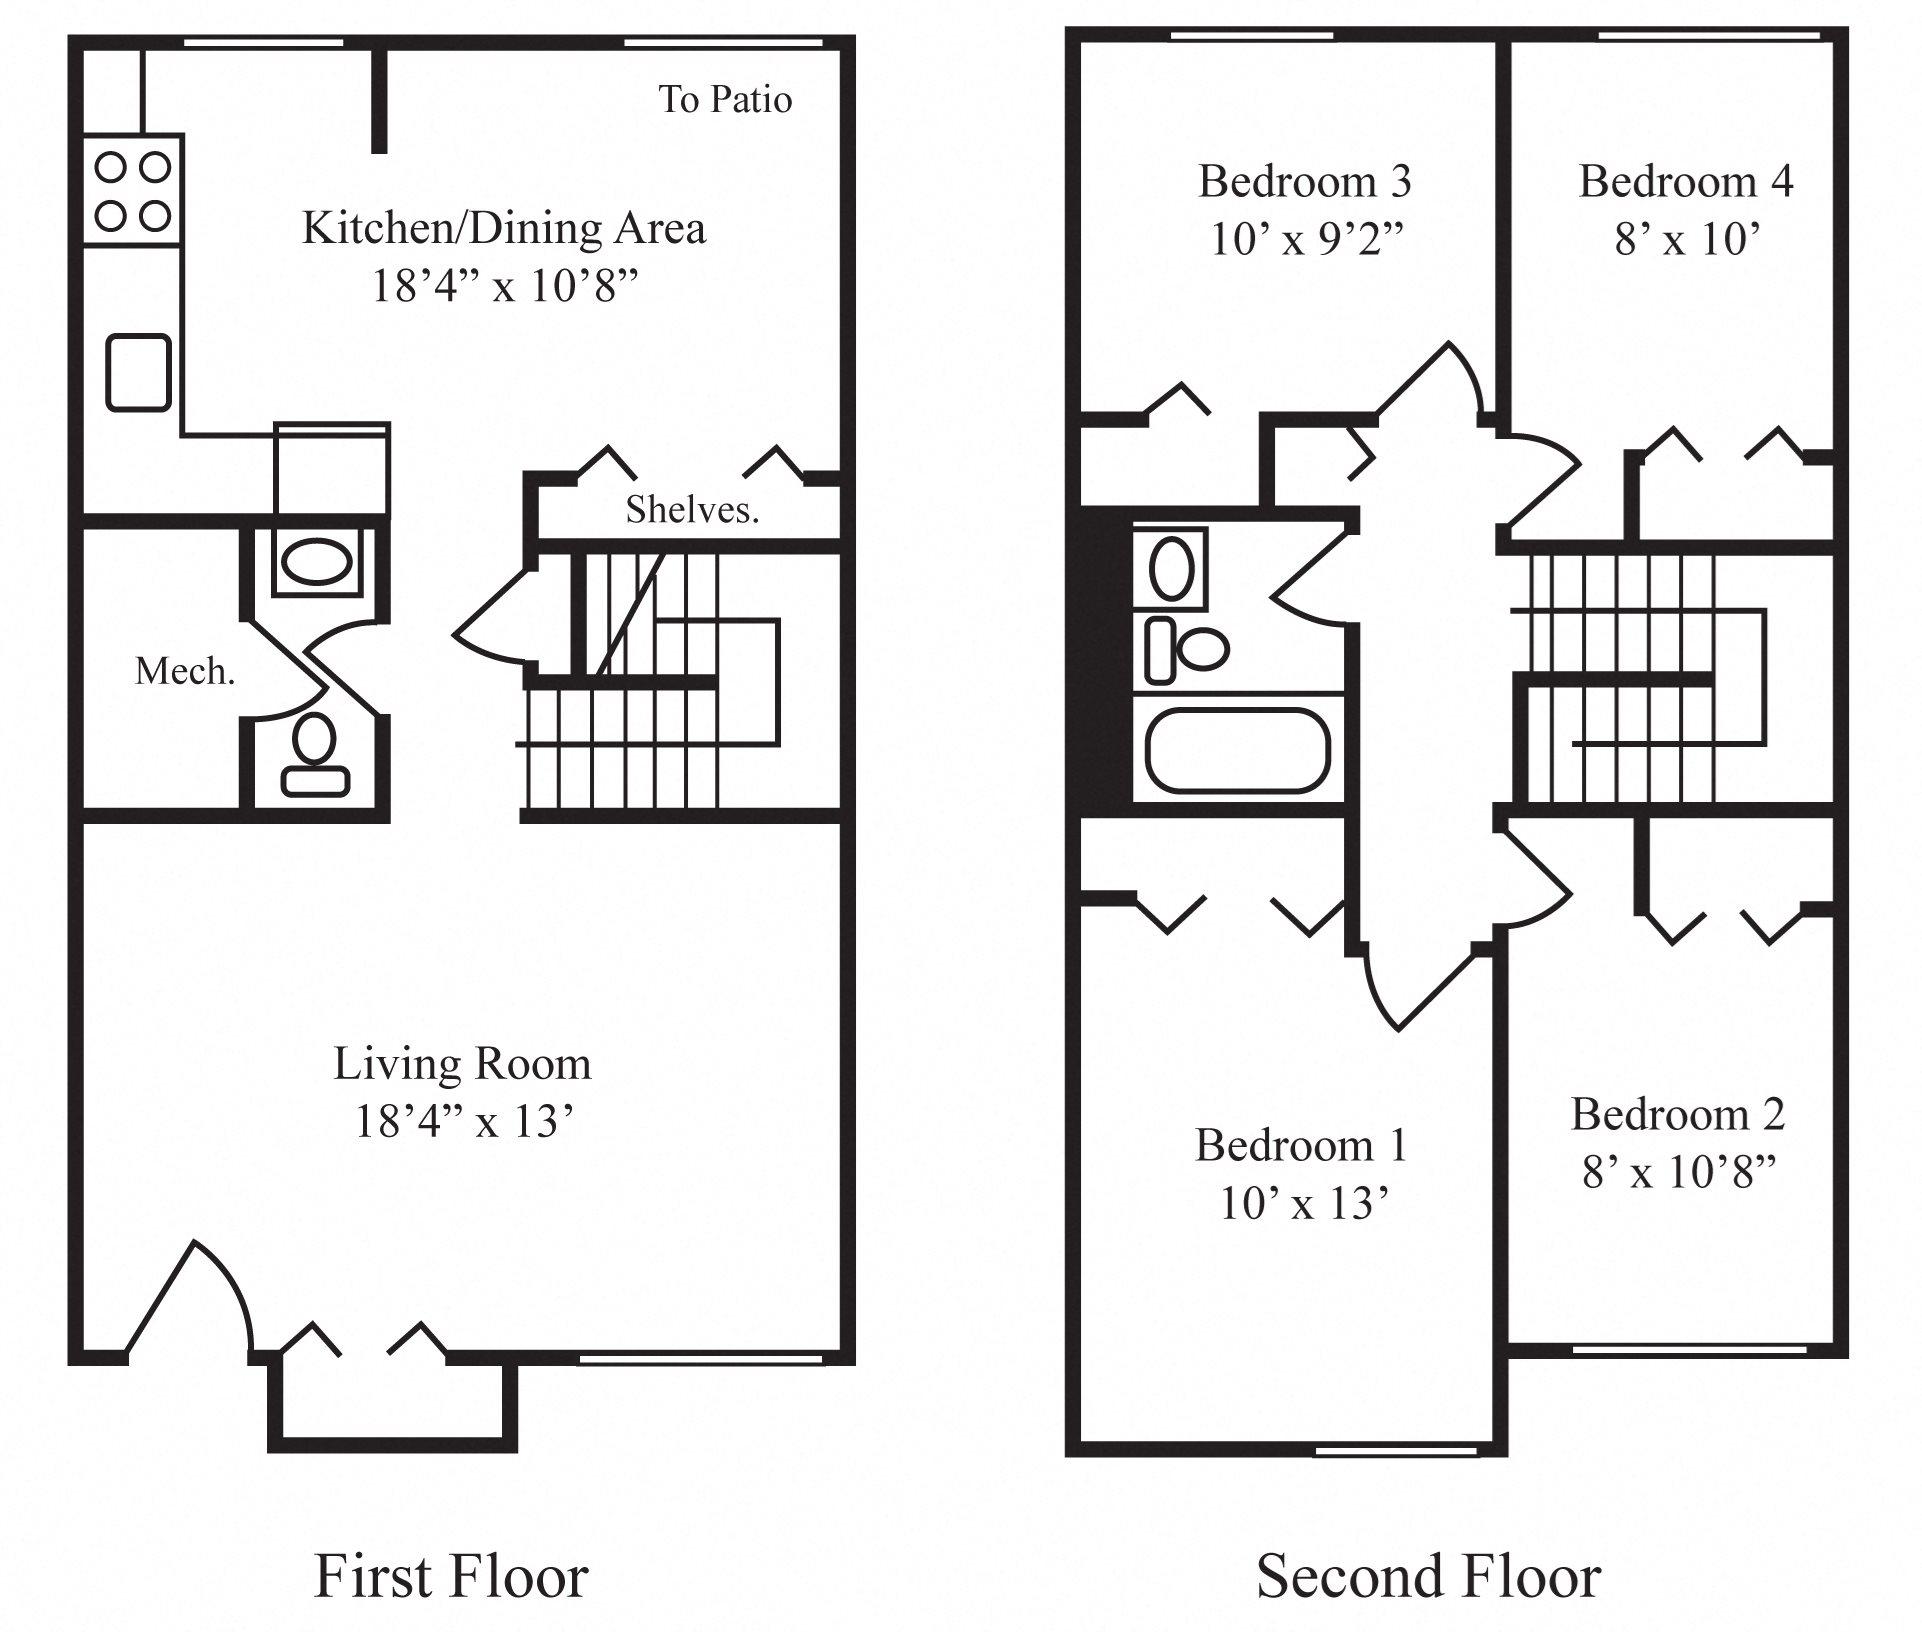 4 BR Floor Plan 4